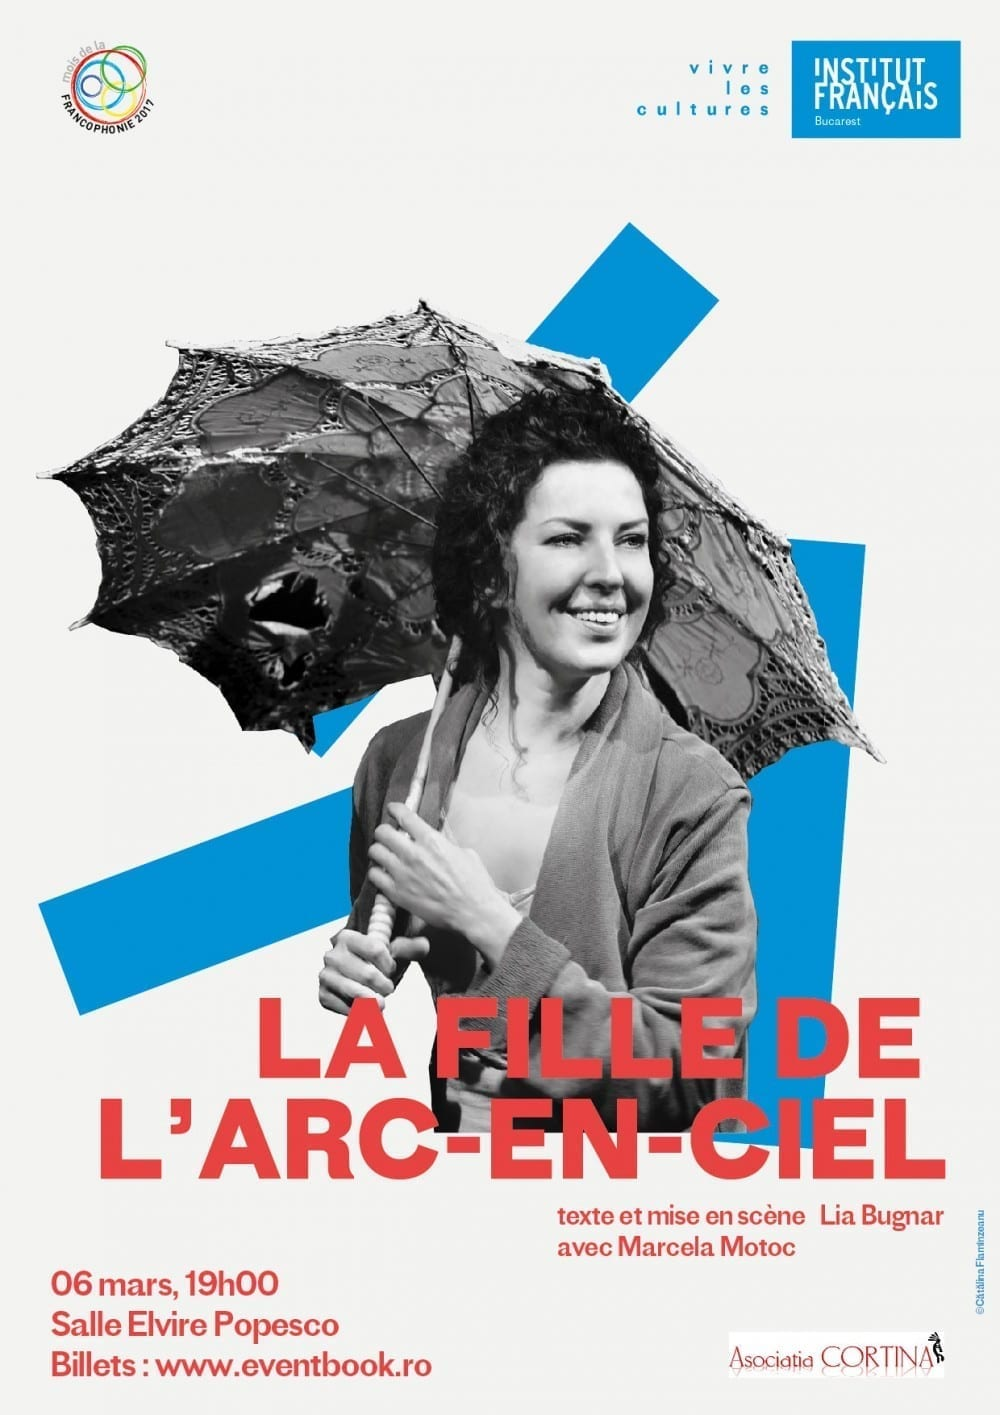 """În cadrul evenimentelor dedicate lunii Francofoniei, Institutul Francez din București va găzdui spectacolul în limba franceză """"La Fille de l'arc-en-ciel"""", luni 6 martie, la ora 19.00, la sala Elvire Popesco. Piesa de teatru, scrisă și regizată de Lia Bugnar, este interpretată de actrița Marcela Motoc și s-a jucat pentru prima dată la Paris, în primăvara anului 2013. Fata din Curcubeu este o pledoarie pentru păstrarea convingerii că totul pe lume are un sens, chiar dacă acesta se prezintă indescifrabil. Nu contează mizeria, decăderea, atâta timp cât sufletul ramâne curat, translucid, asemenea unei lacrimi de gheață. E povestea unei fete, care a ajuns să ducă o viață amară, după o copilărie dulce ce-a trait-o în familia sa. A ajuns în stradă, practicând cea mai veche meserie din lume. Se vinde ieftin, își duce clienții la cinema și acolo le oferă serviciile sale, în timpul filmului. Nu are o casa, nu își permite nici să închirieze o cameră la hotel. Ceea ce își permite sunt locurile 13 și 14 de pe ultimul rând din cinematograful Curcubeu. Își spune povestea cu un zâmbet amar, e sfașiată de durere, dar niciodată doborâtă. Singură pe lume, fară de cei pe care i-a iubit – tata, mama, sora geamană – toți duși în altă lume. Merge pe firul vieții ei, de la copilarie la adolescență, la tinerețe, dar parcă viata pe care o trăiește nu e binecuvântată de Cel de Sus. Îl iubeste pe Dumnezeu, dar nu-L ințelege... Actrița Marcela Motoc a absolvit Academia de Teatru şi Film în 1996, la clasa profesorilor Olga Tudorache și Adrian Pintea. A fost distinsă cu premiul de interpretare pentru rolul Violetei din scurtmetrajul franco-spaniol """"Violeta, la courtisane"""", regizat de David Casals-Roma. La Teatrul Bulandra, a jucat în piese regizate de Tudor Mărăscu, Cătălina Buzoianu, Adrian Pintea, Elie Malka și Tompa Gabor. """"Piesa """"La Fille de l'arc-en-ciel"""" e ca un pumn în stomac, e ca un borcan de iaurt pe spatele ars al unui rătăcit în Sahara, e ca o pană de păun picată în șleaul înnoroiat lă"""